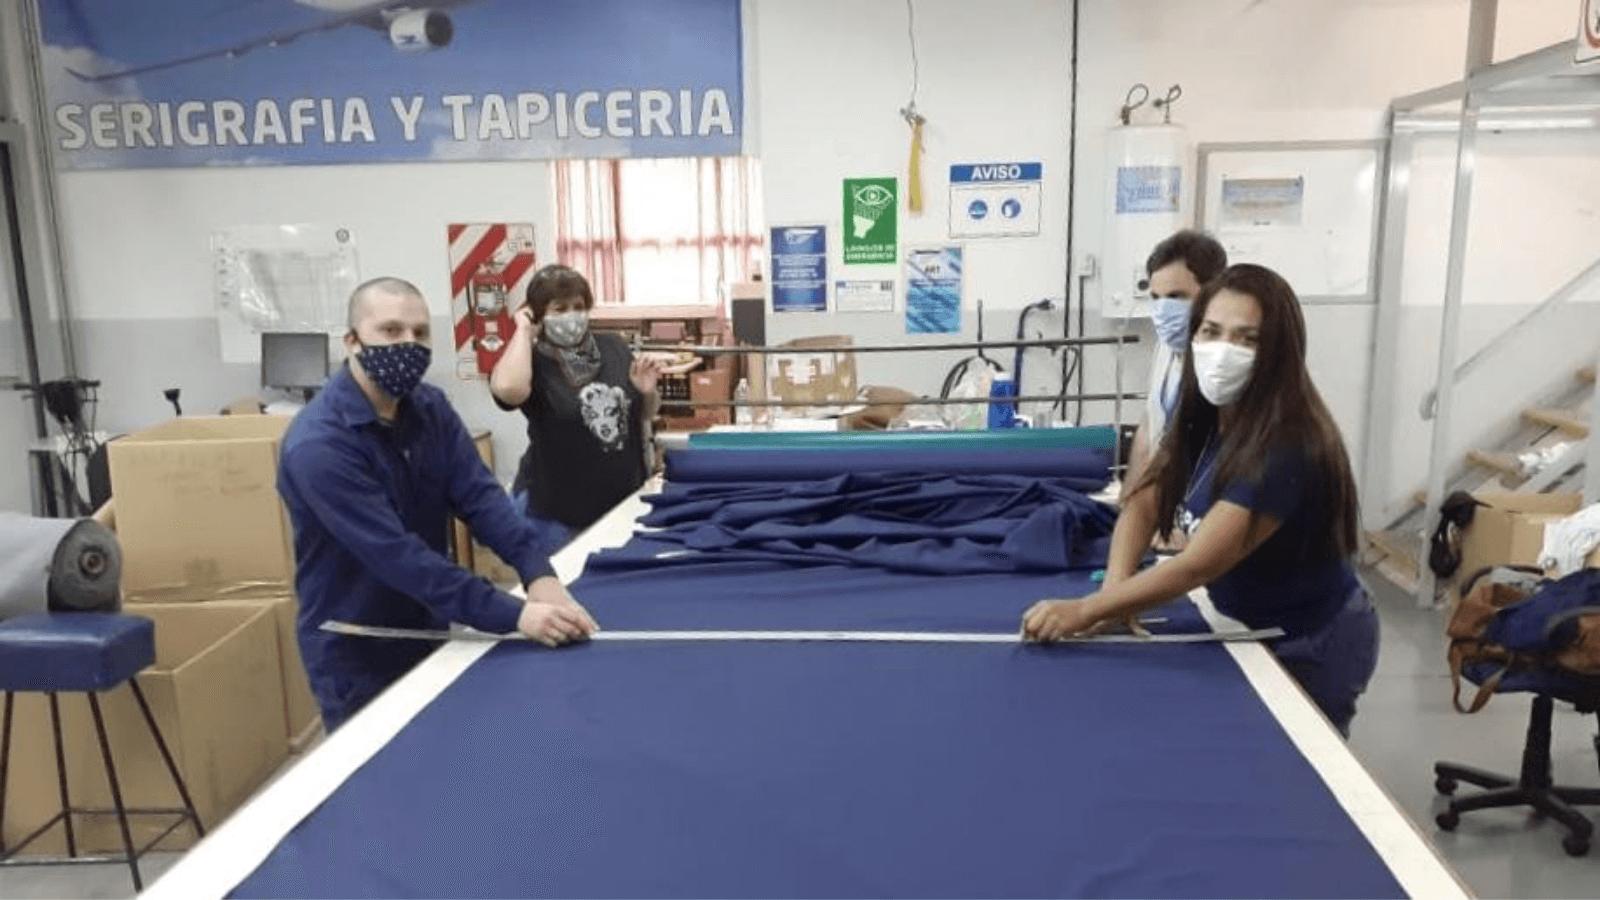 Aerolíneas Argentinas está confeccionando tapabocas para uso del personal y también donará a quienes más los necesiten en el país 7